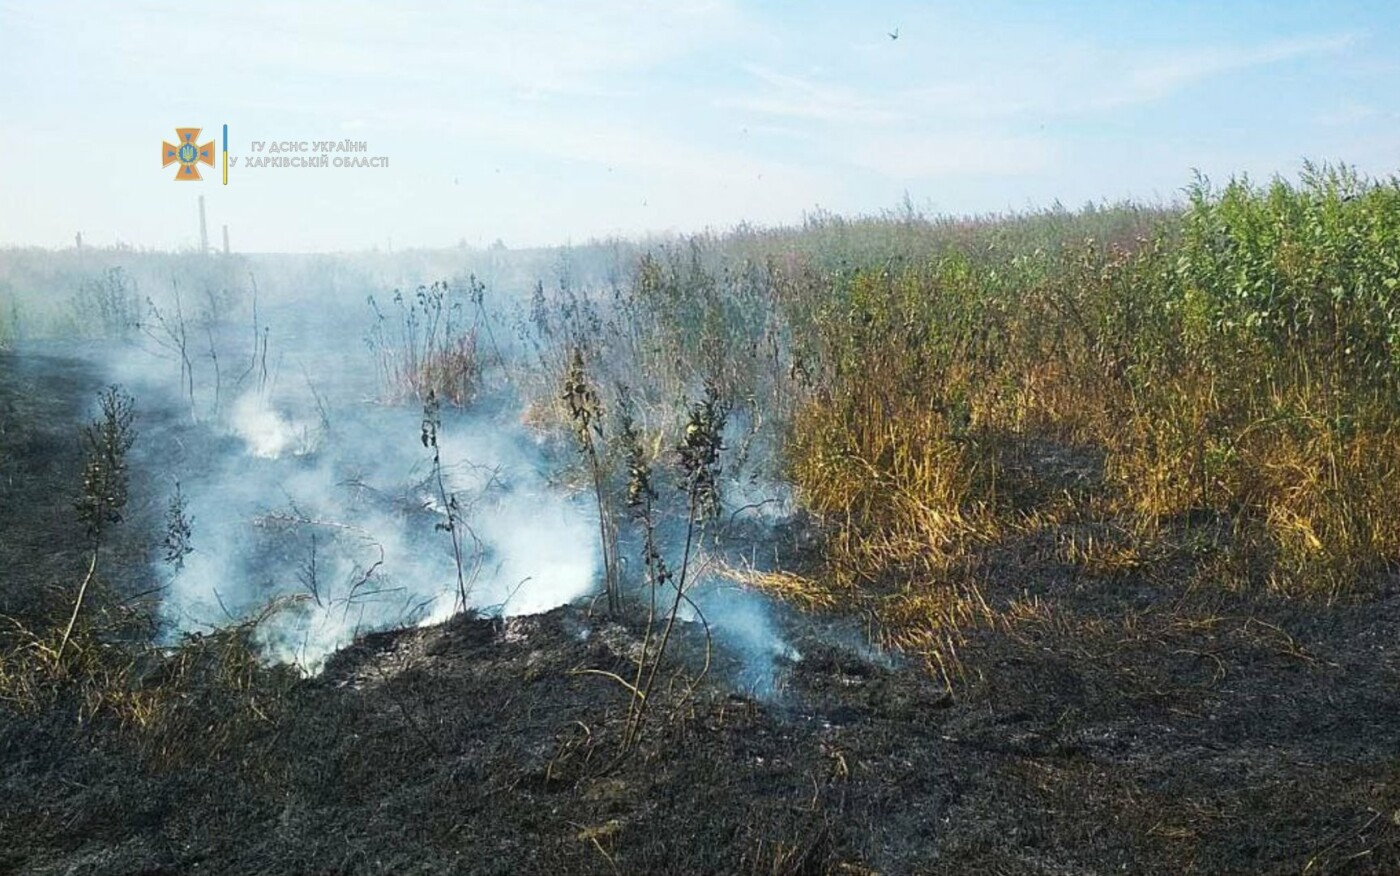 На Харьковщине за последние сутки спасатели тушили три десятка пожаров на открытых территориях, - ФОТО, фото-2